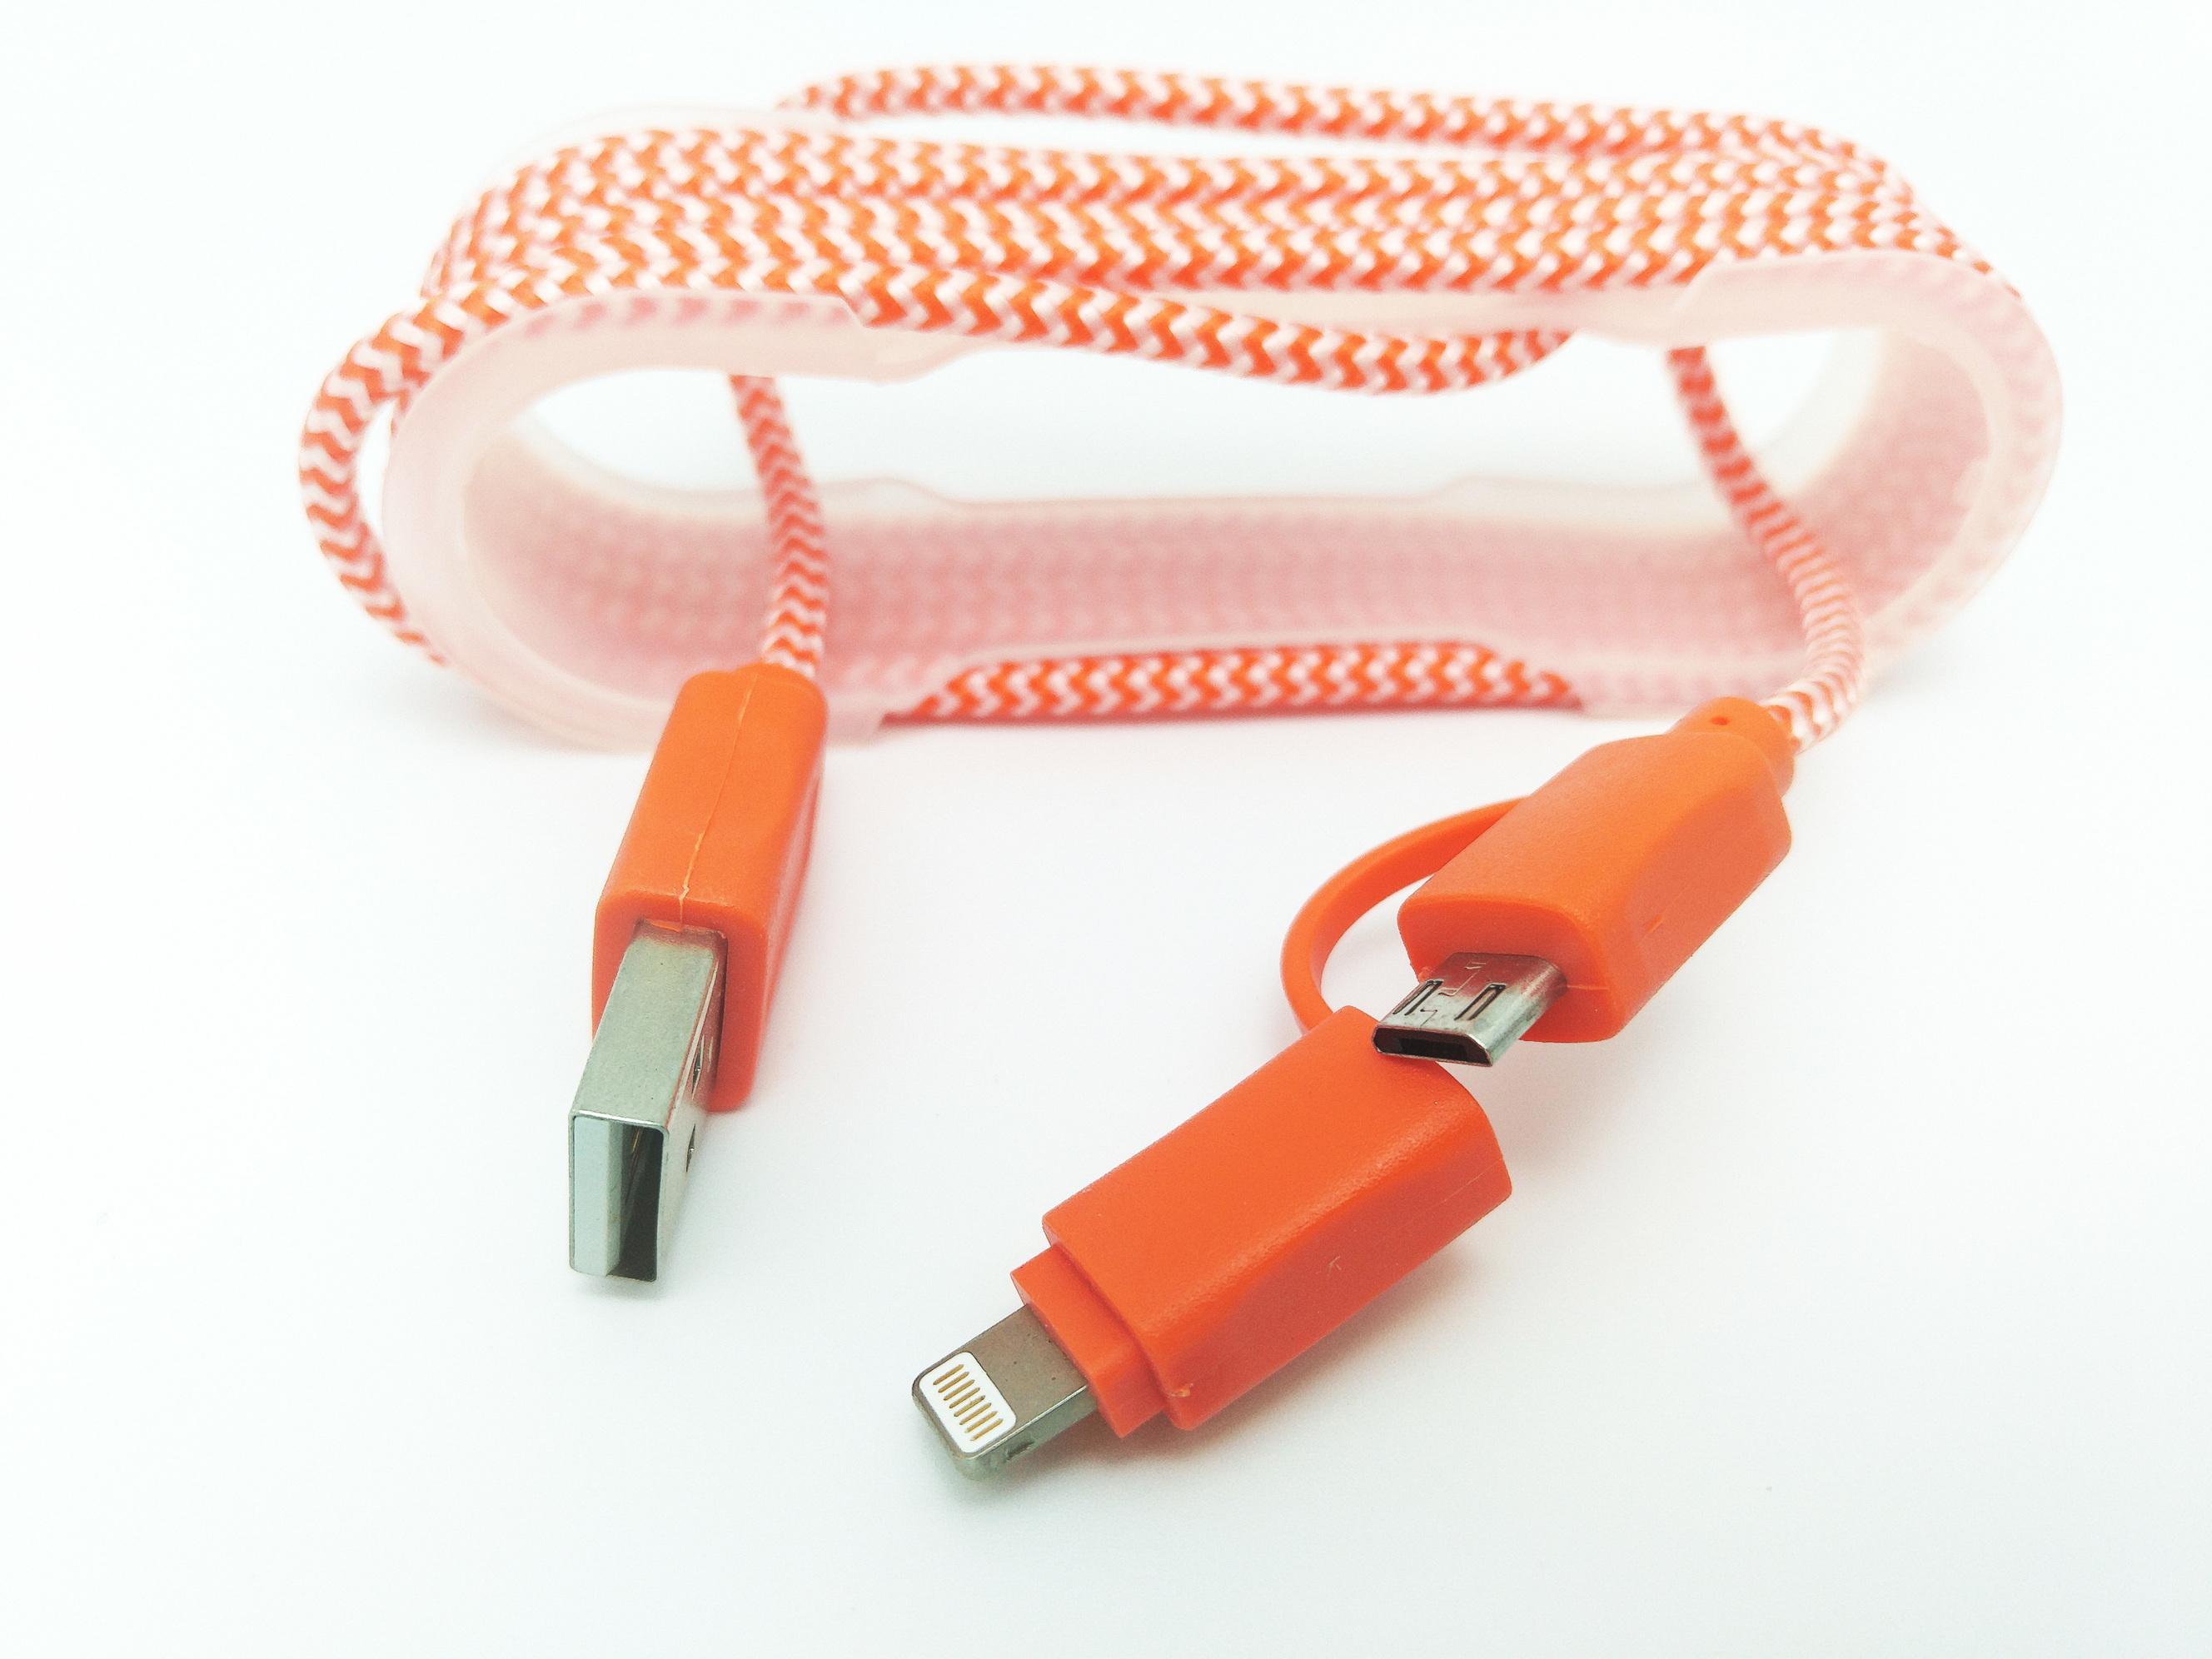 Cablu De Date MRG M-173, 2 In 1, Iphone 5/6 + Micro USB, Rosu